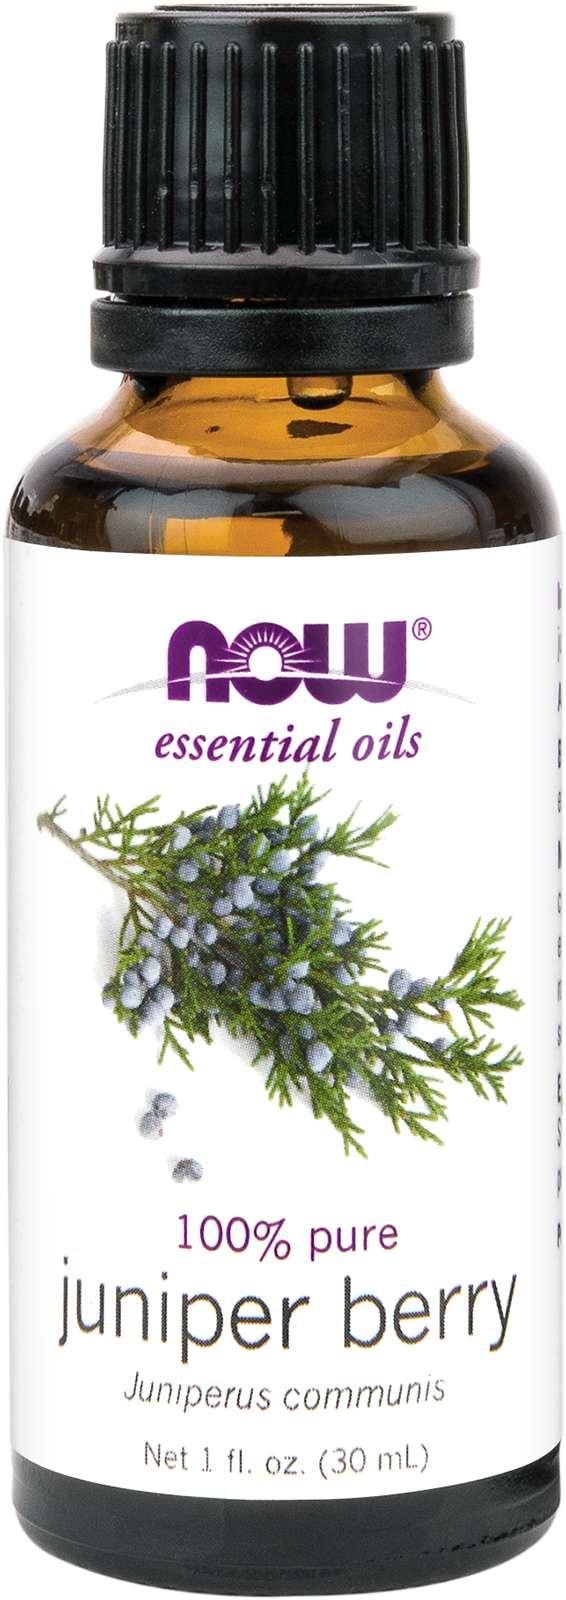 Juniper Berry Oil (Juniperus communis) 30mL